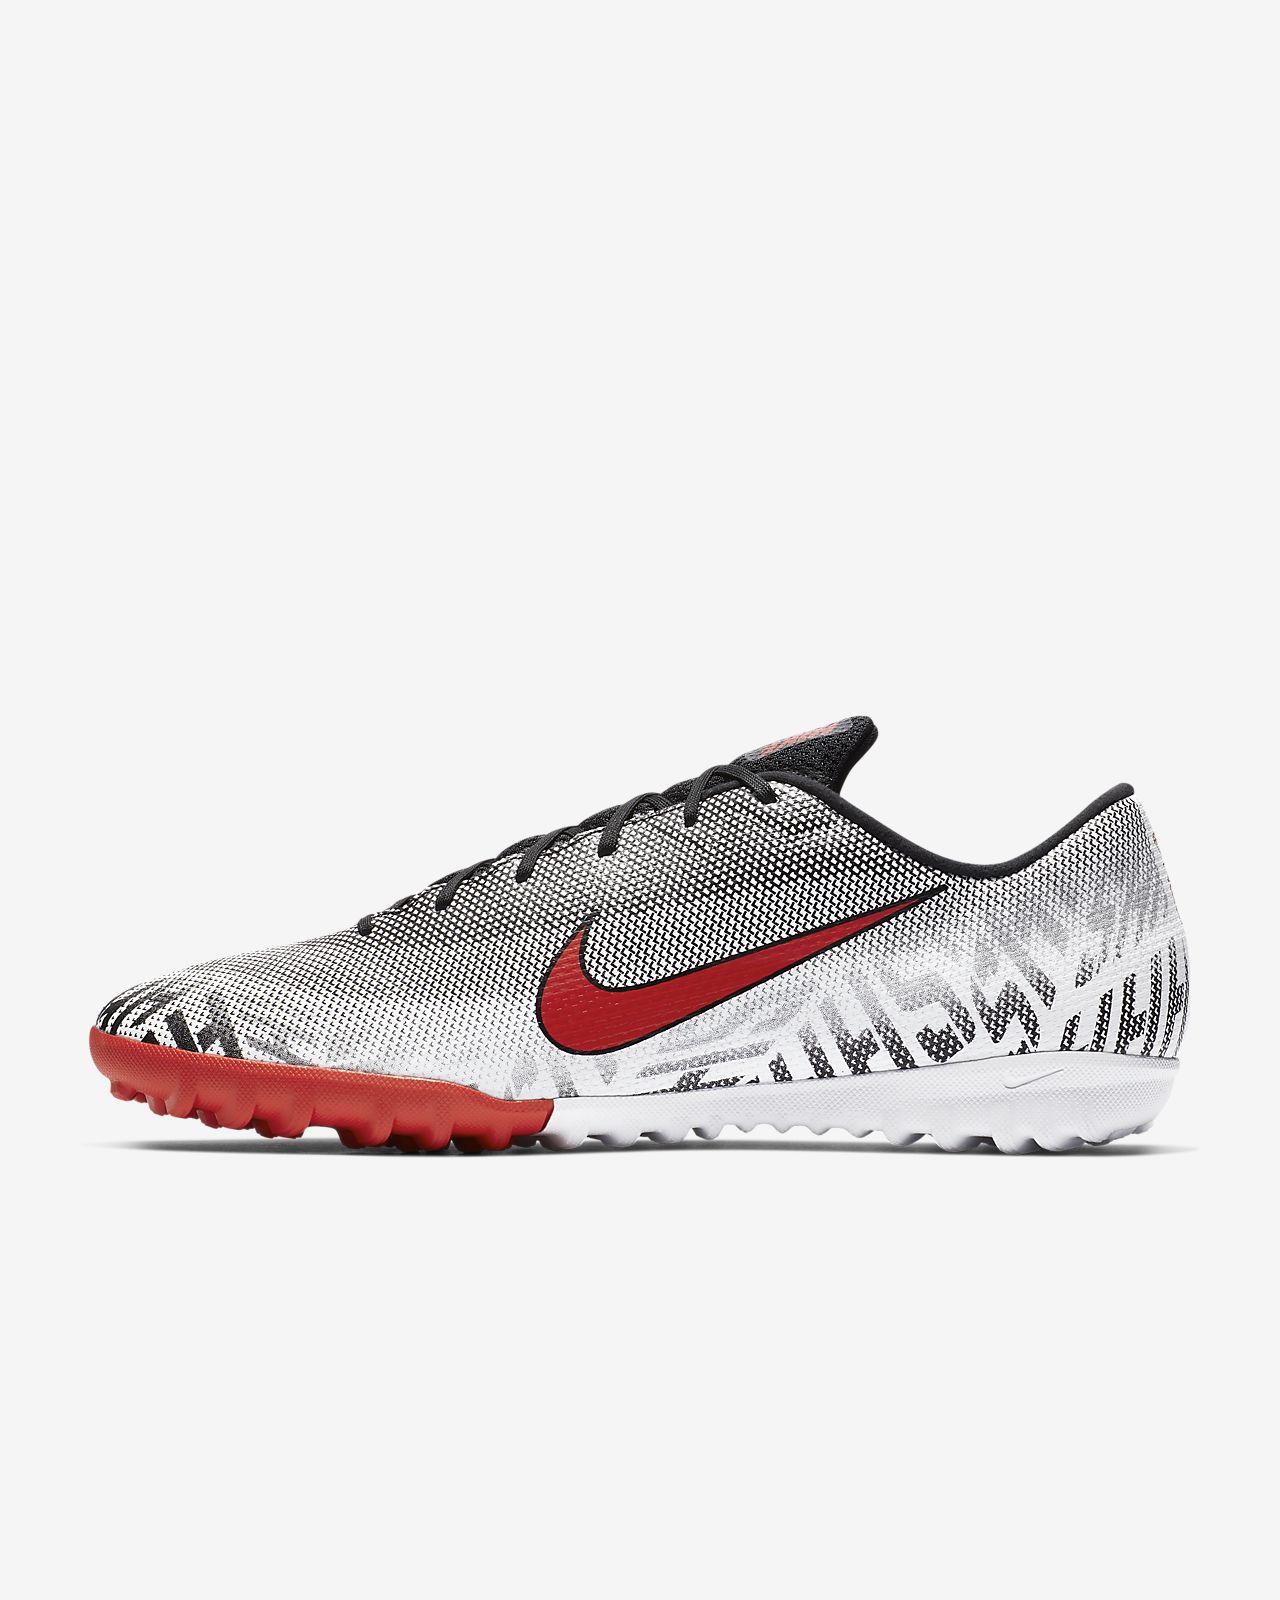 2ff1134a814b6 ... Buty piłkarskie na sztuczną nawierzchnię typu turf Nike Mercurial Vapor  XII Academy Neymar TF